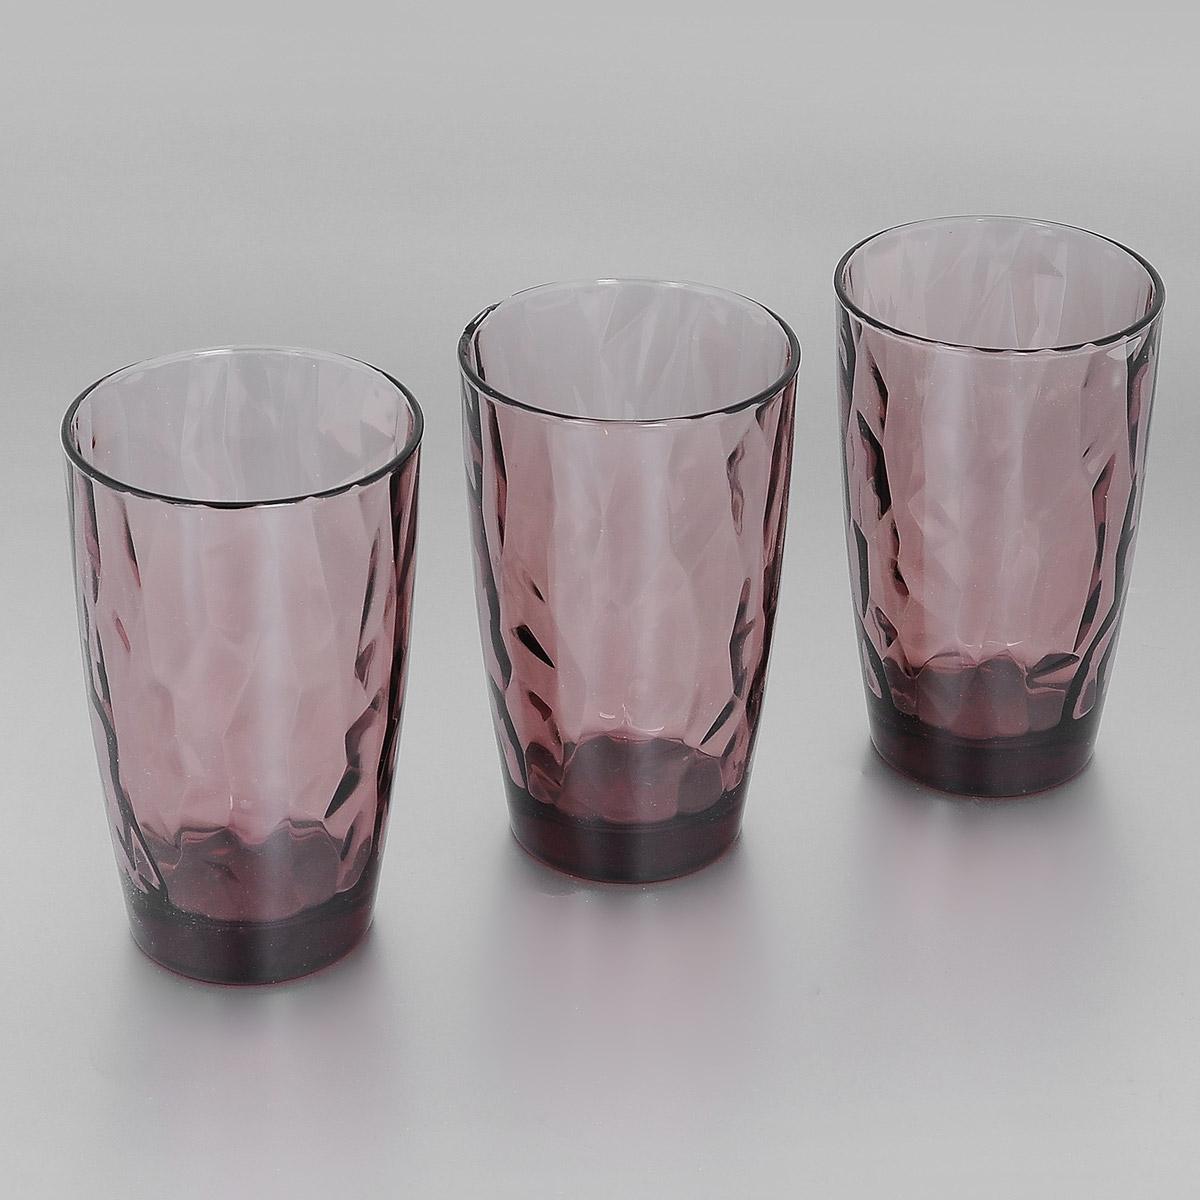 Набор стаканов Bormioli Rocco Diamond Rock Purple, 470 мл, 3 штVT-1520(SR)Набор Bormioli Rocco Diamond Rock Purple, выполненный из стекла, состоит из 3 высоких стаканов. Стаканы предназначены для подачи холодных напитков. С внутренней стороны поверхность стаканов рельефная, что создает эффект игры света и преломления. Благодаря такому набору пить напитки будет еще вкуснее.Стаканы Bormioli Rocco Diamond Rock Purple станут идеальным украшением праздничного стола и отличным подарком к любому празднику. С 1825 года компания Bormioli Rocco производит высококачественную посуду из стекла. На сегодняшний день это мировой лидер на рынке производства стеклянных изделий. Ассортимент, предлагаемый Bormioli Rocco необычайно широк - это бокалы, фужеры, рюмки, графины, кувшины, банки для сыпучих продуктов и консервирования, тарелки, салатники, чашки, контейнеры различных емкостей, предназначенные для хранения продуктов в холодильниках и морозильных камерах и т.д. Стекло сочетает в себе передовые технологии и традиционно высокое качество.